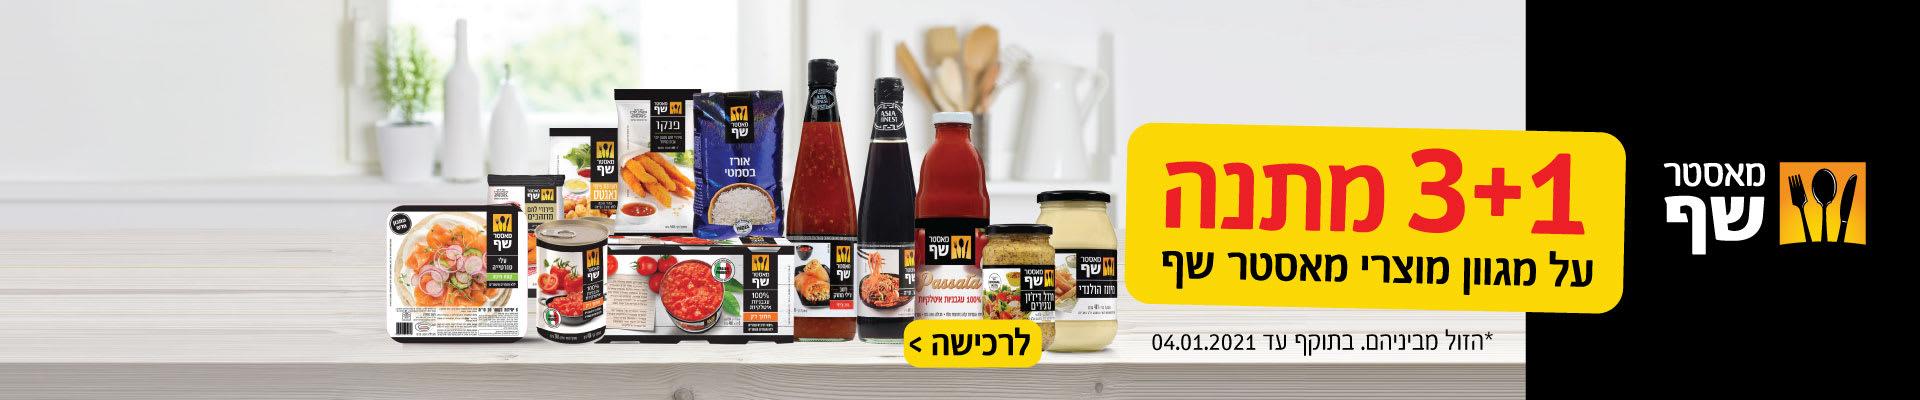 1+3 מתנה על מגוון מוצרי מאסטר שף. הזול מבניהם. בתוקף עד 4.1.2021.